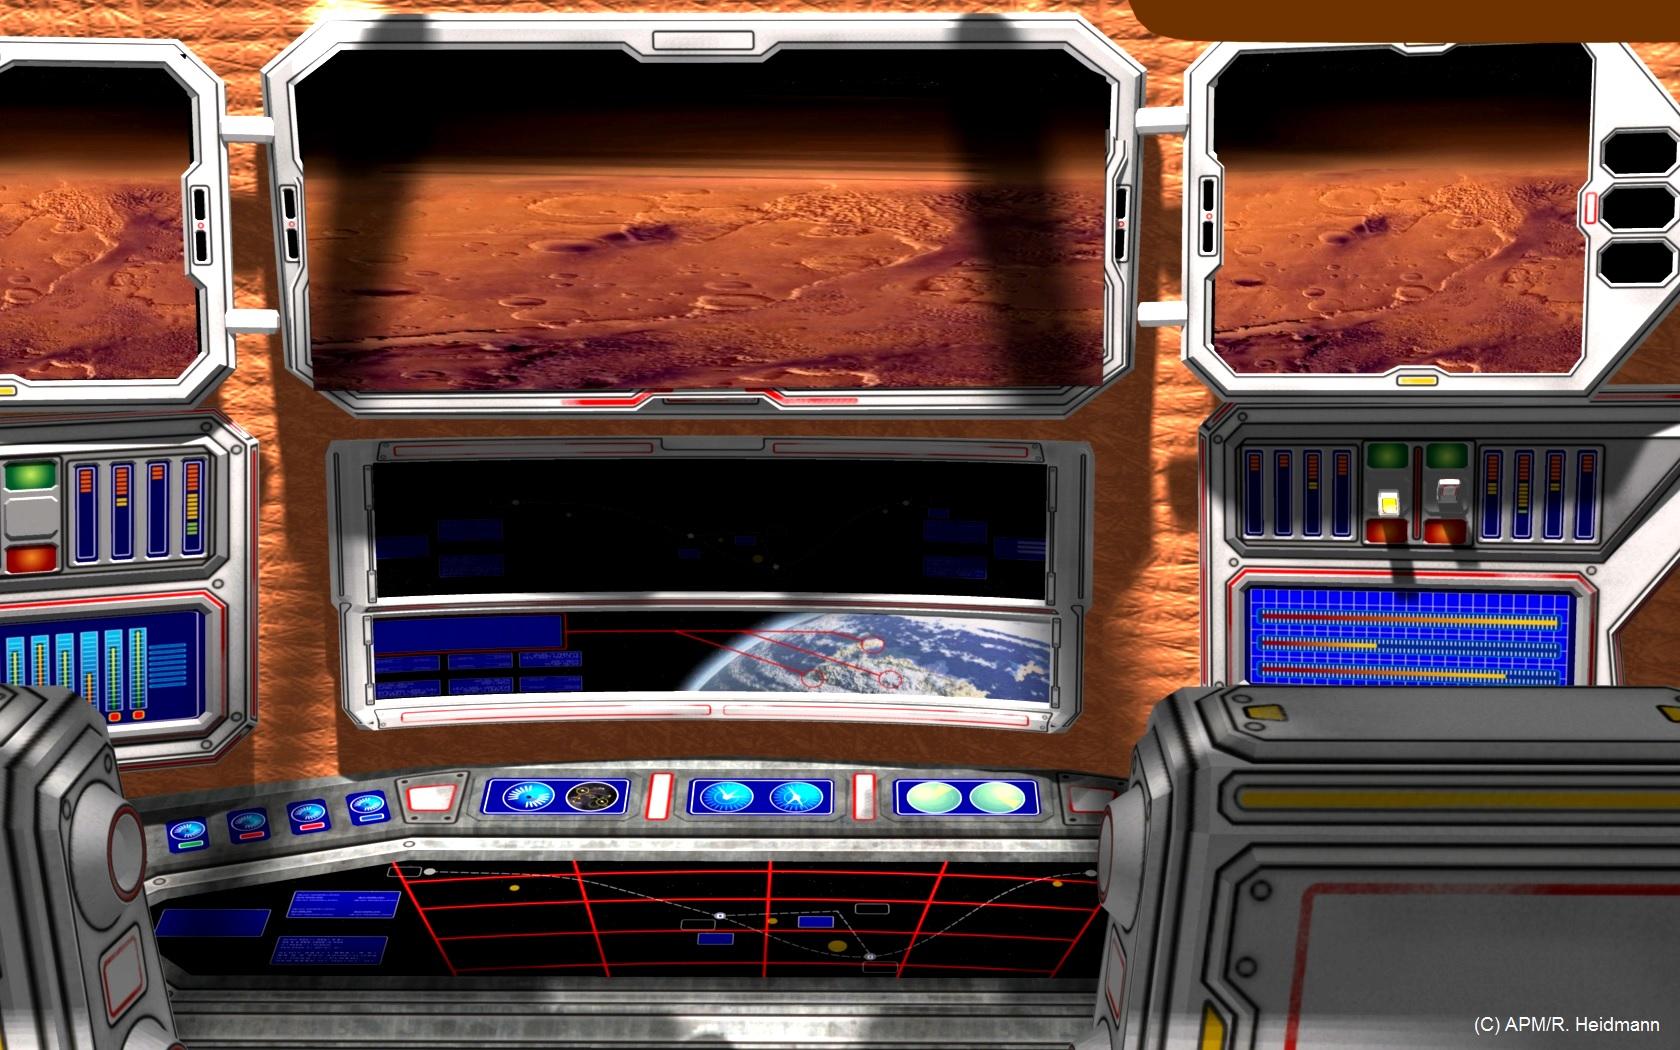 Le poste de pilotage donnerait une vue indirecte (caméras et écrans) de la zone d'atterrissage. (Mars picture: NASA/JPL)